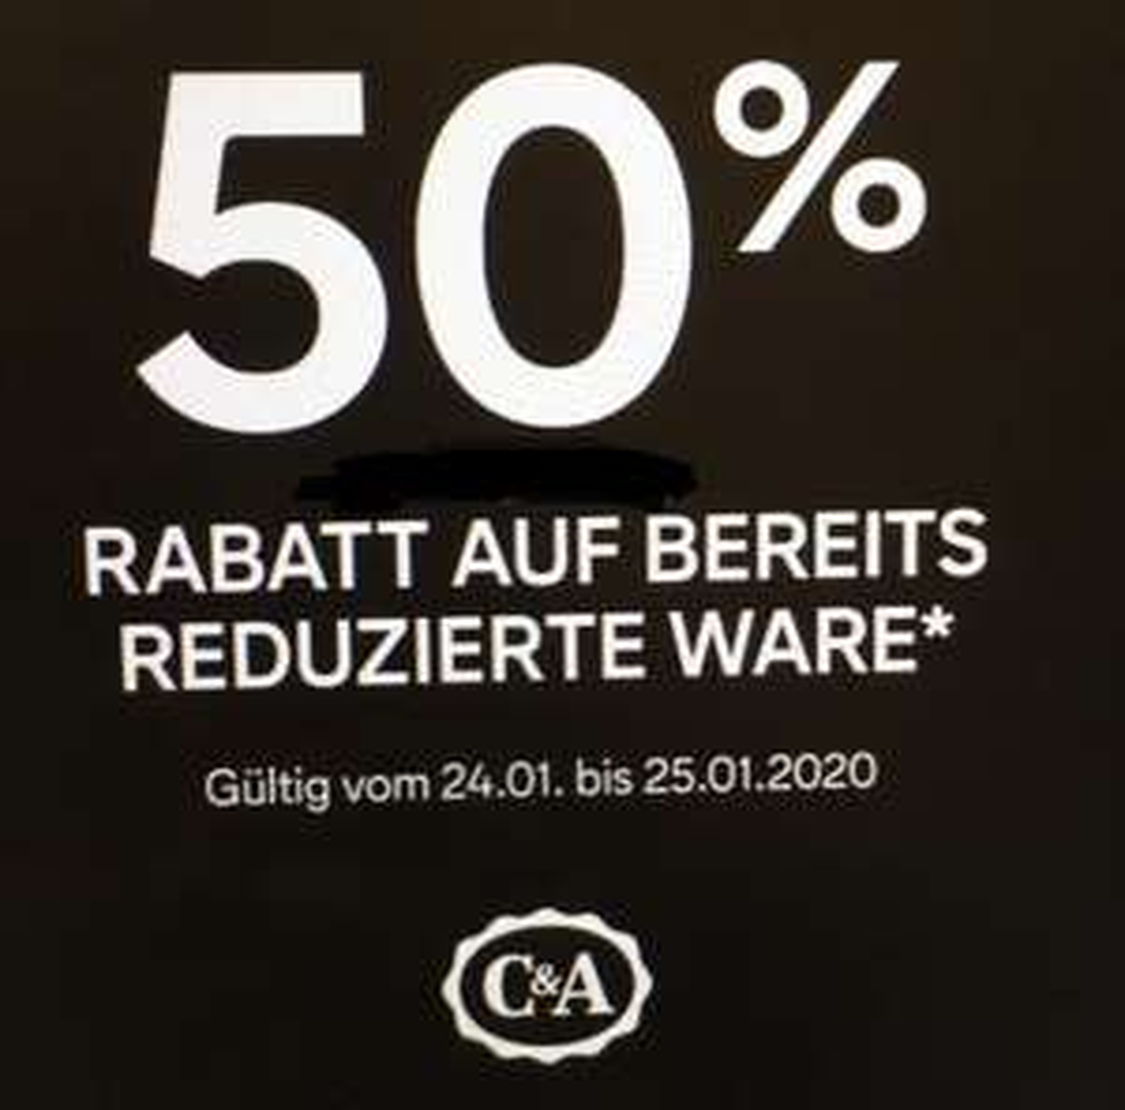 50% Rabatt auf alle reduzierten Artikel in den C&A Filialen - ab 24.01 !